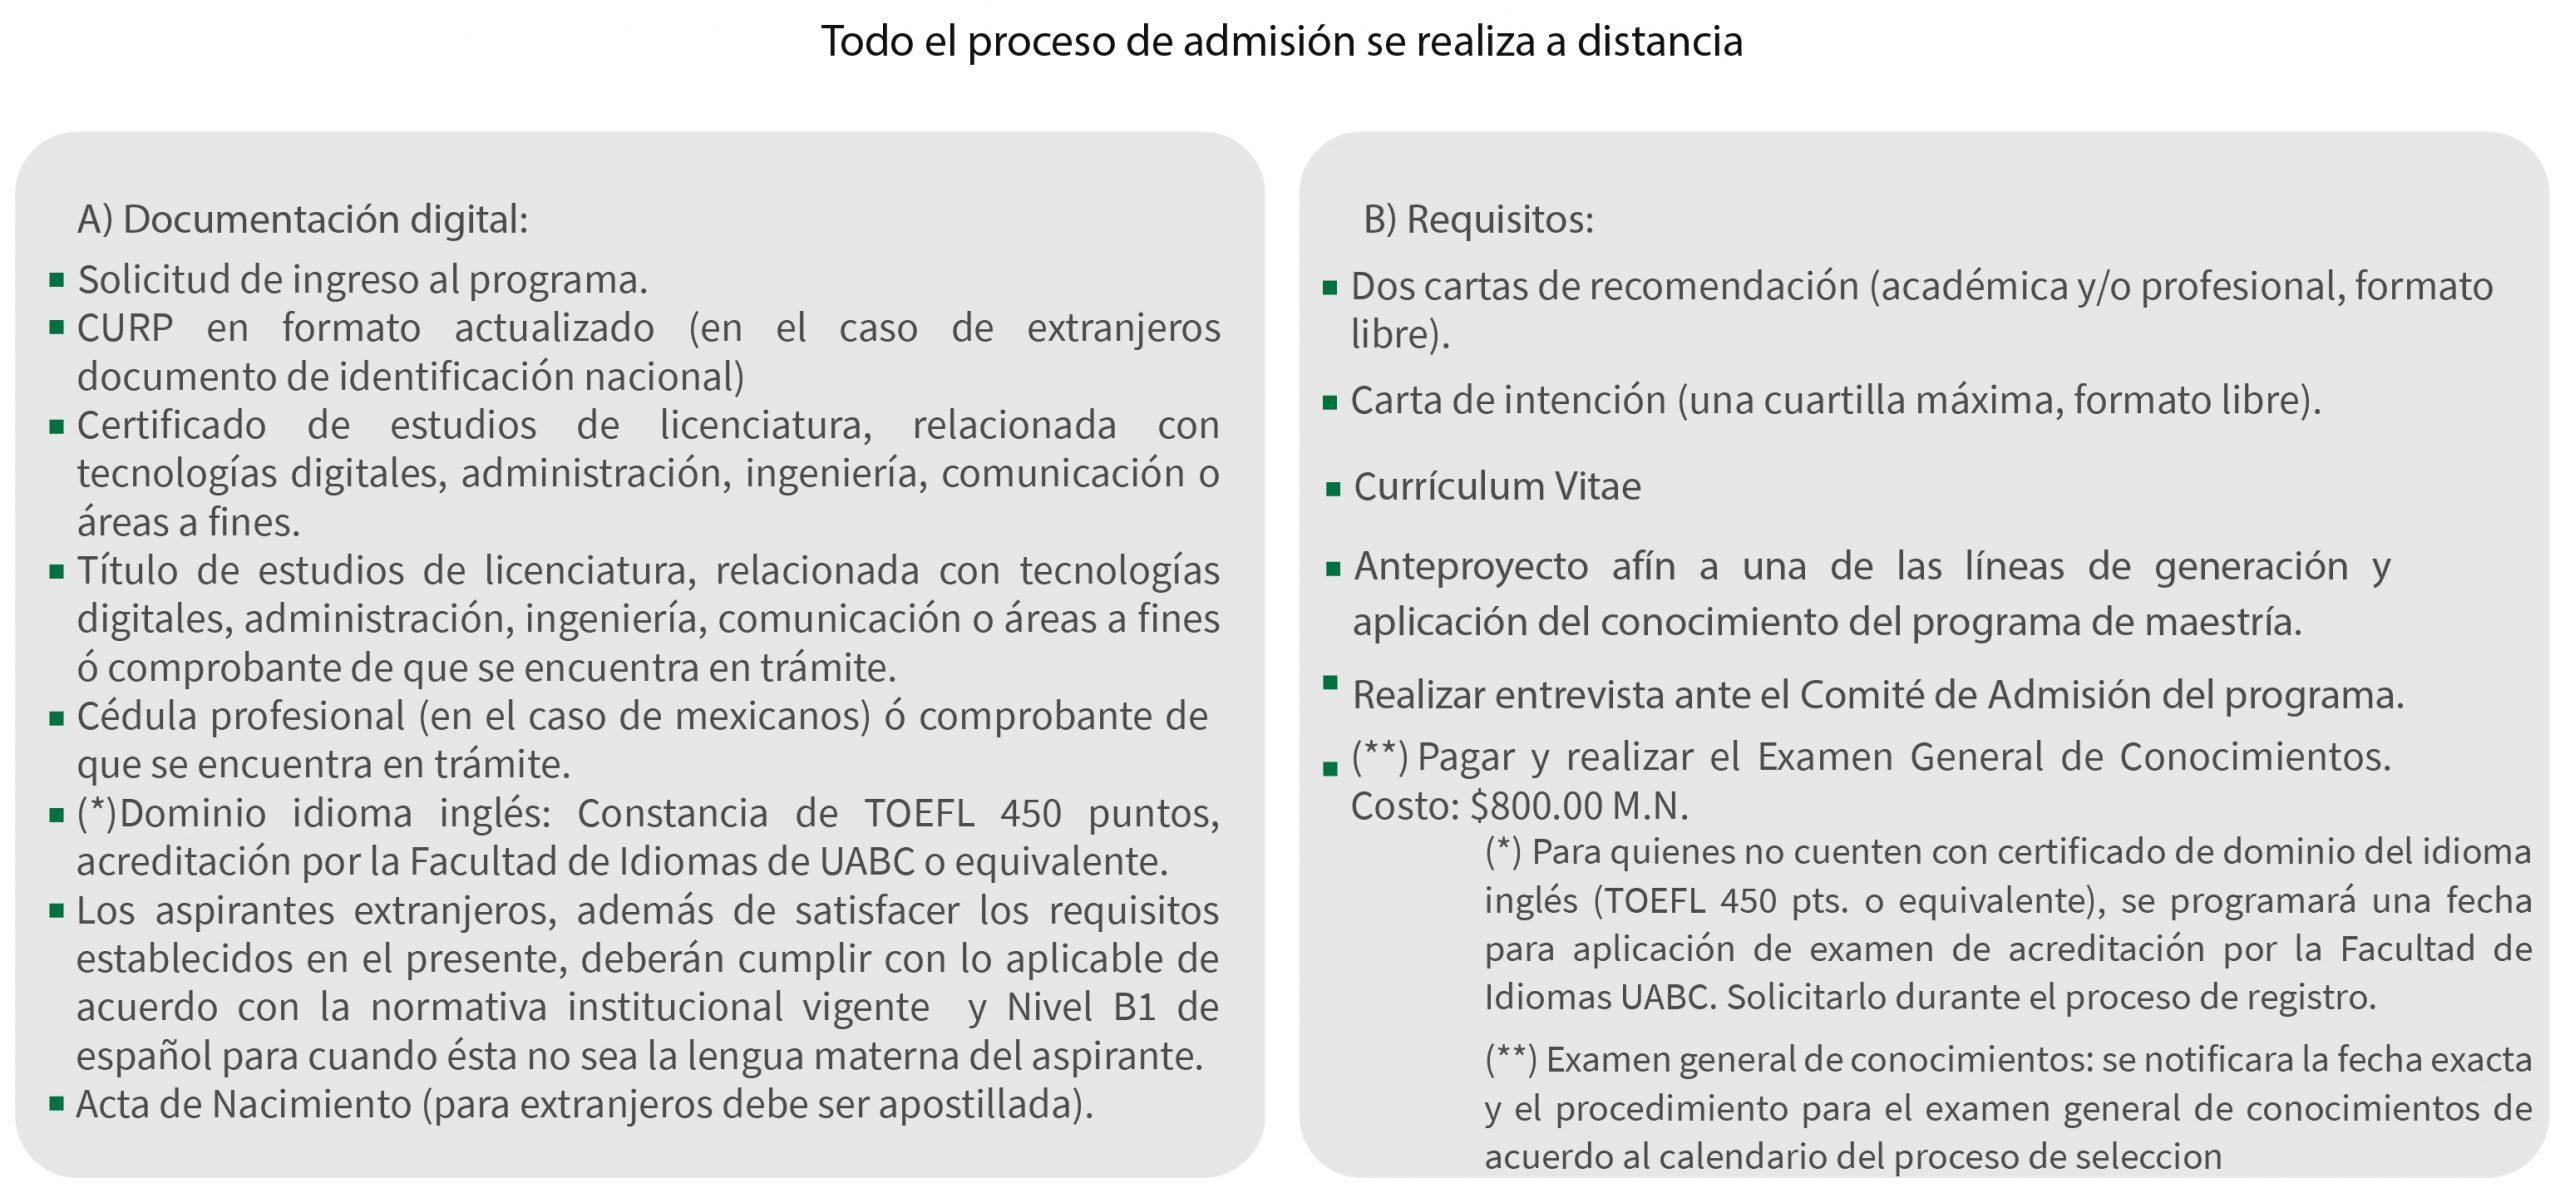 RequisitosIngreso_-01